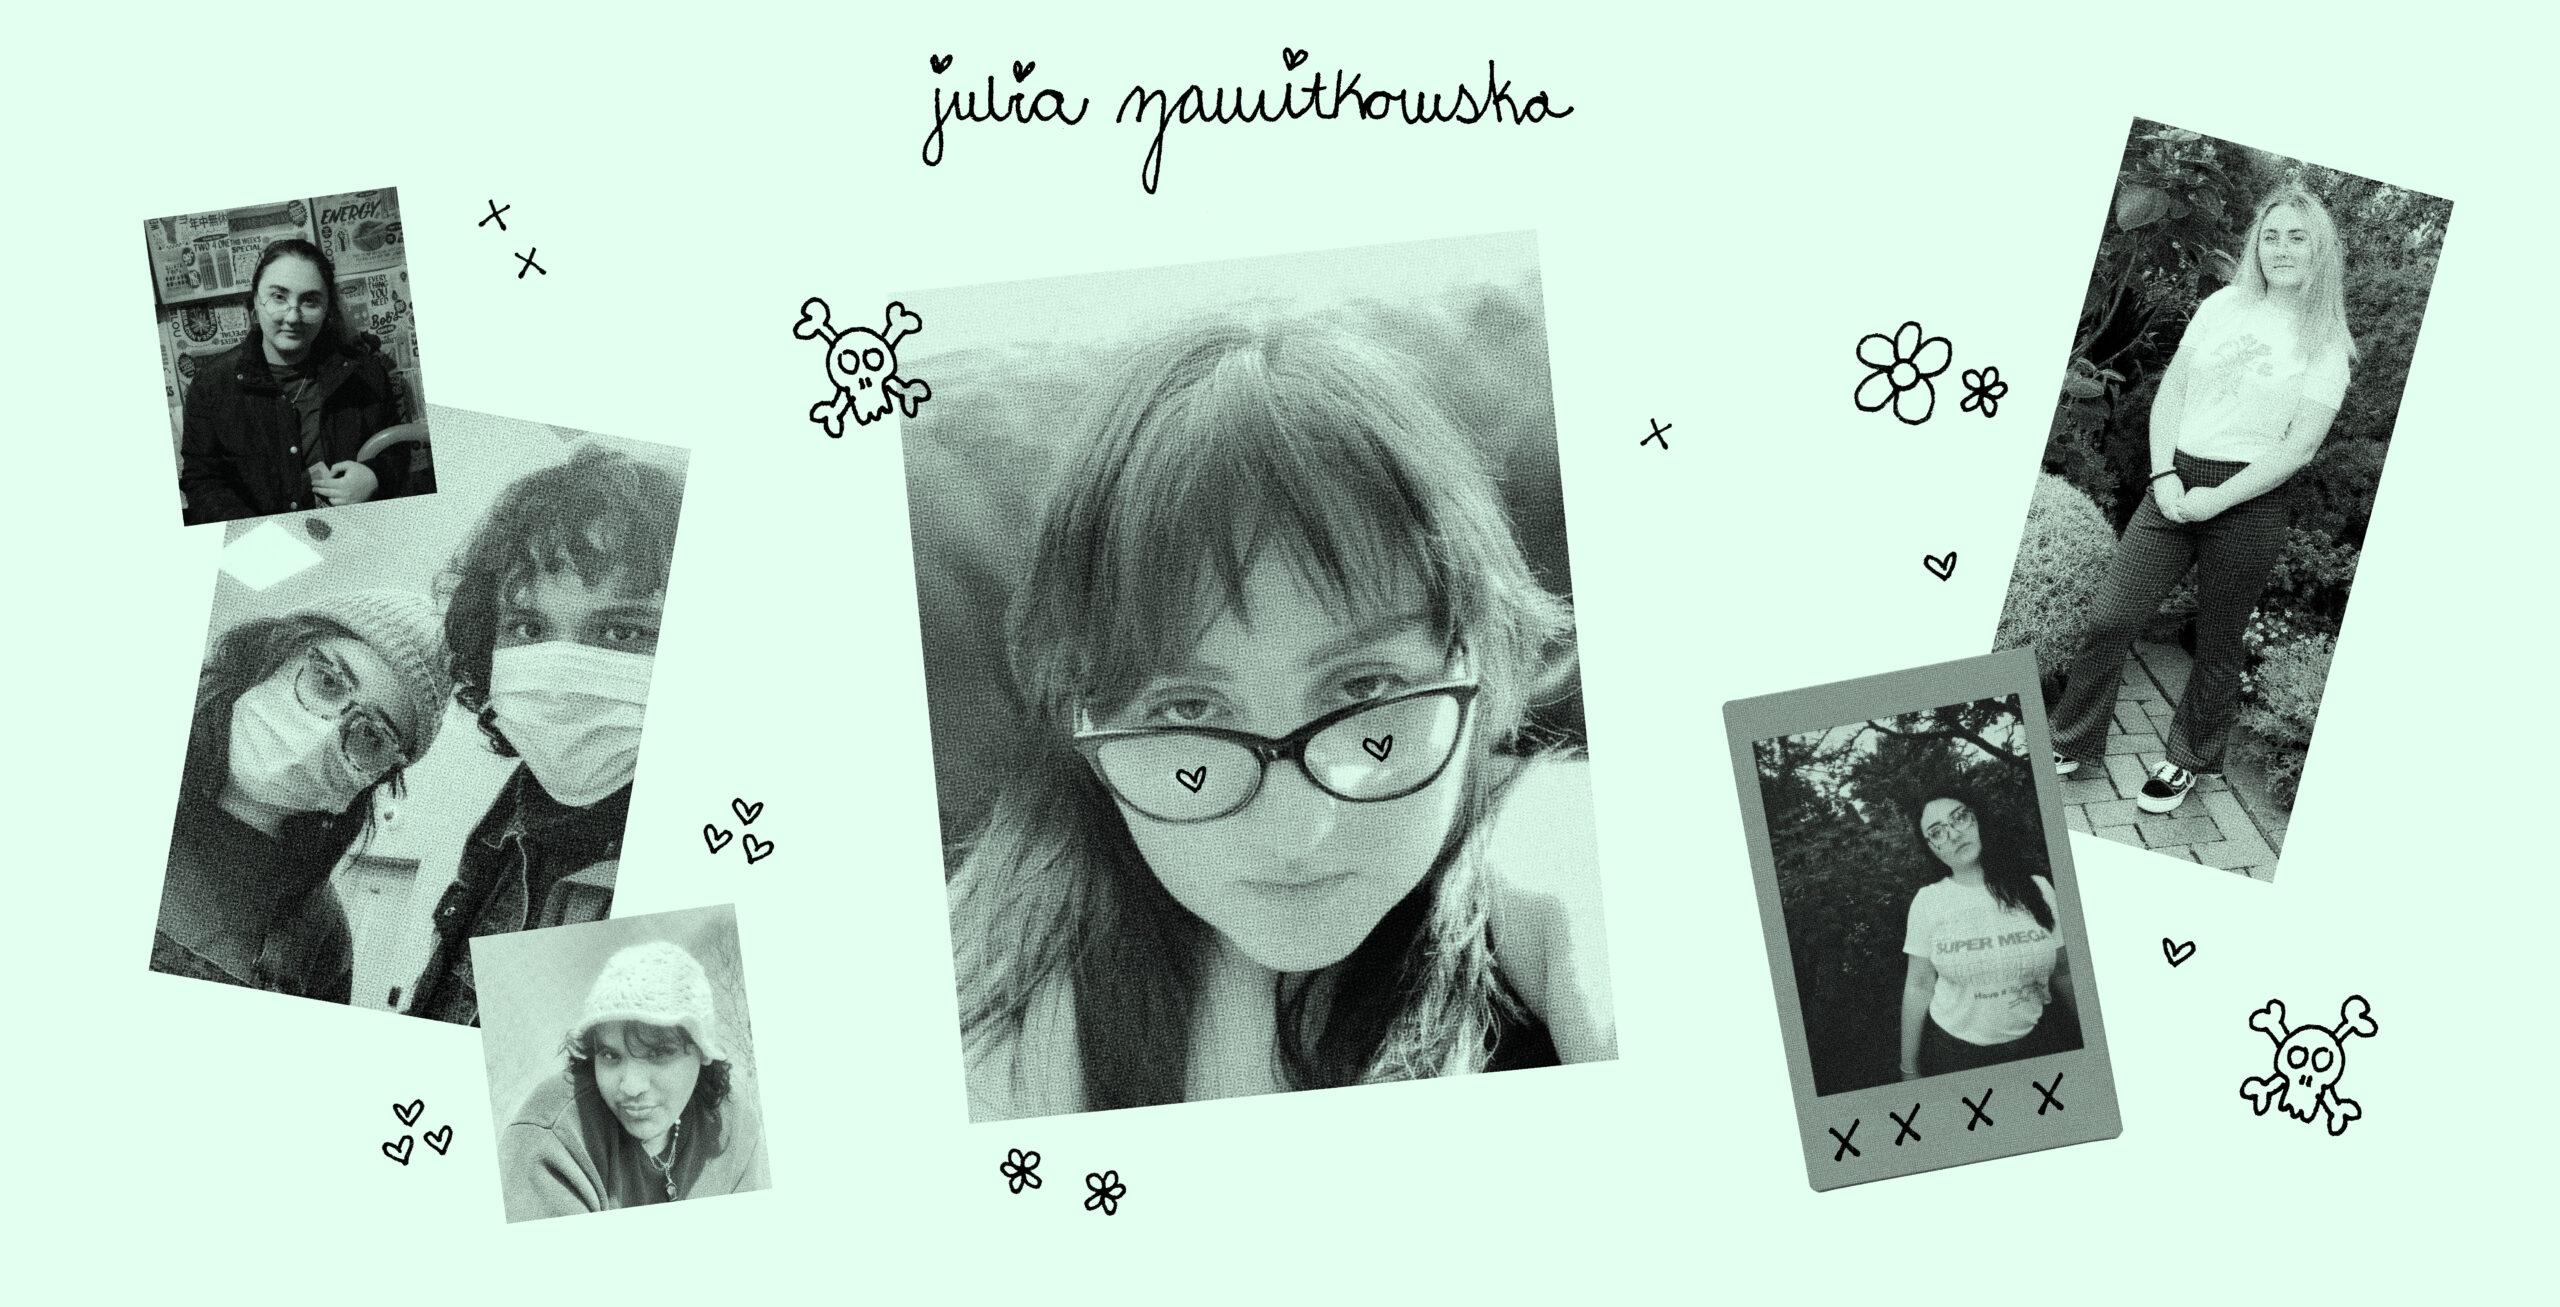 Senior Memoir—Julia Zawitkowska